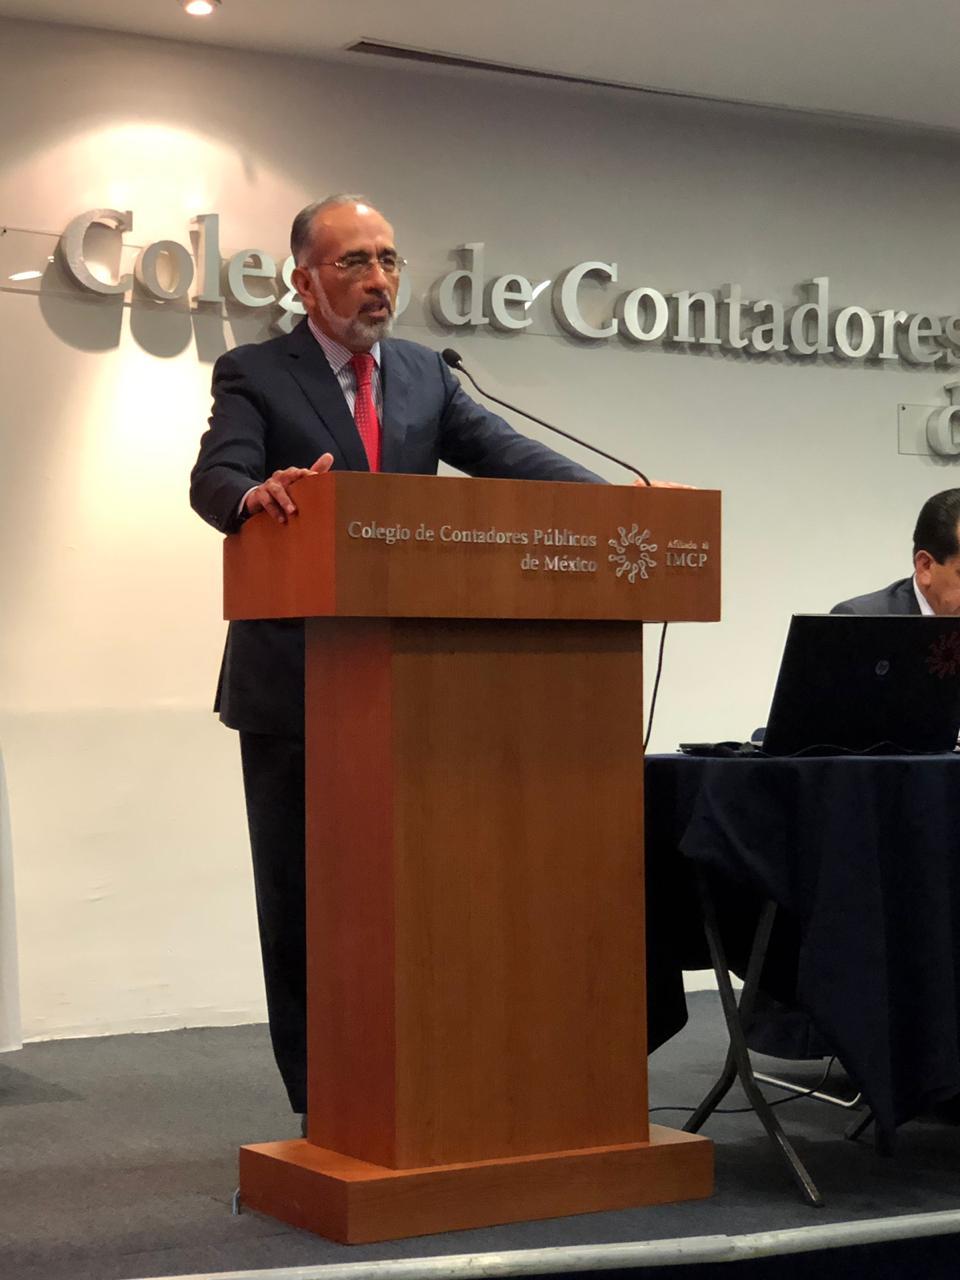 Lic. Oscar De la Vega en el Colegio de Contadores